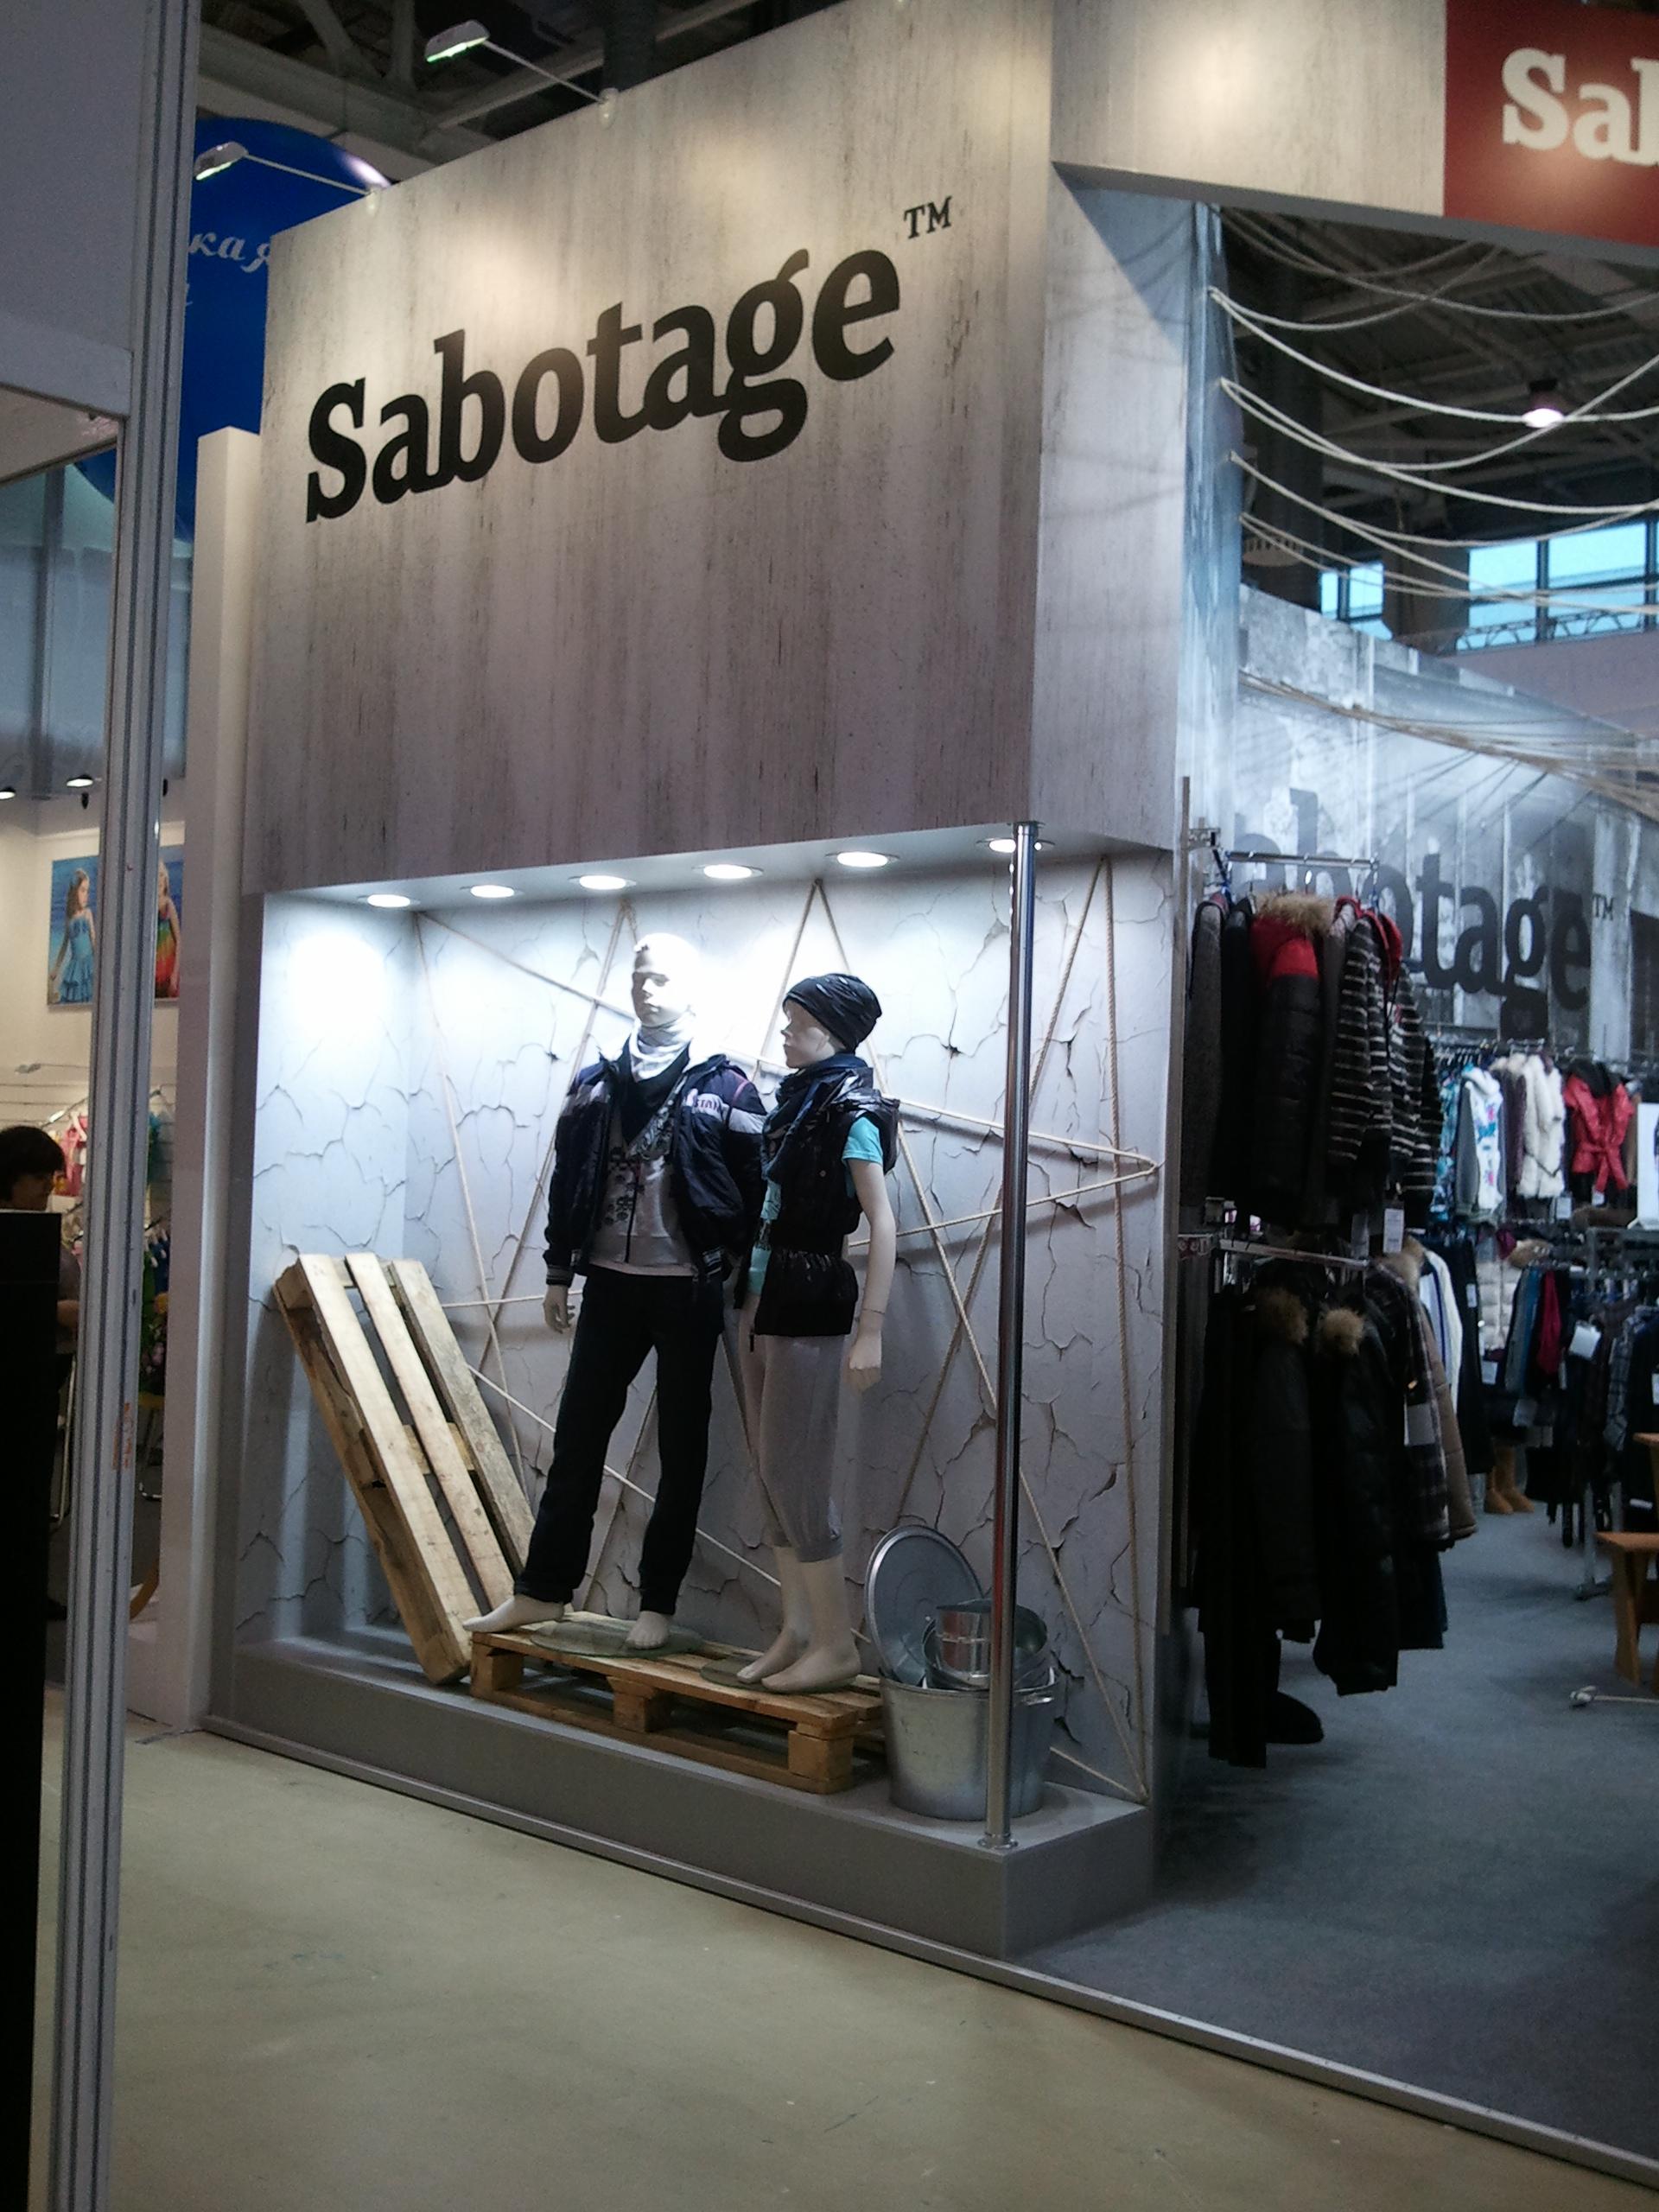 Саботаж_02